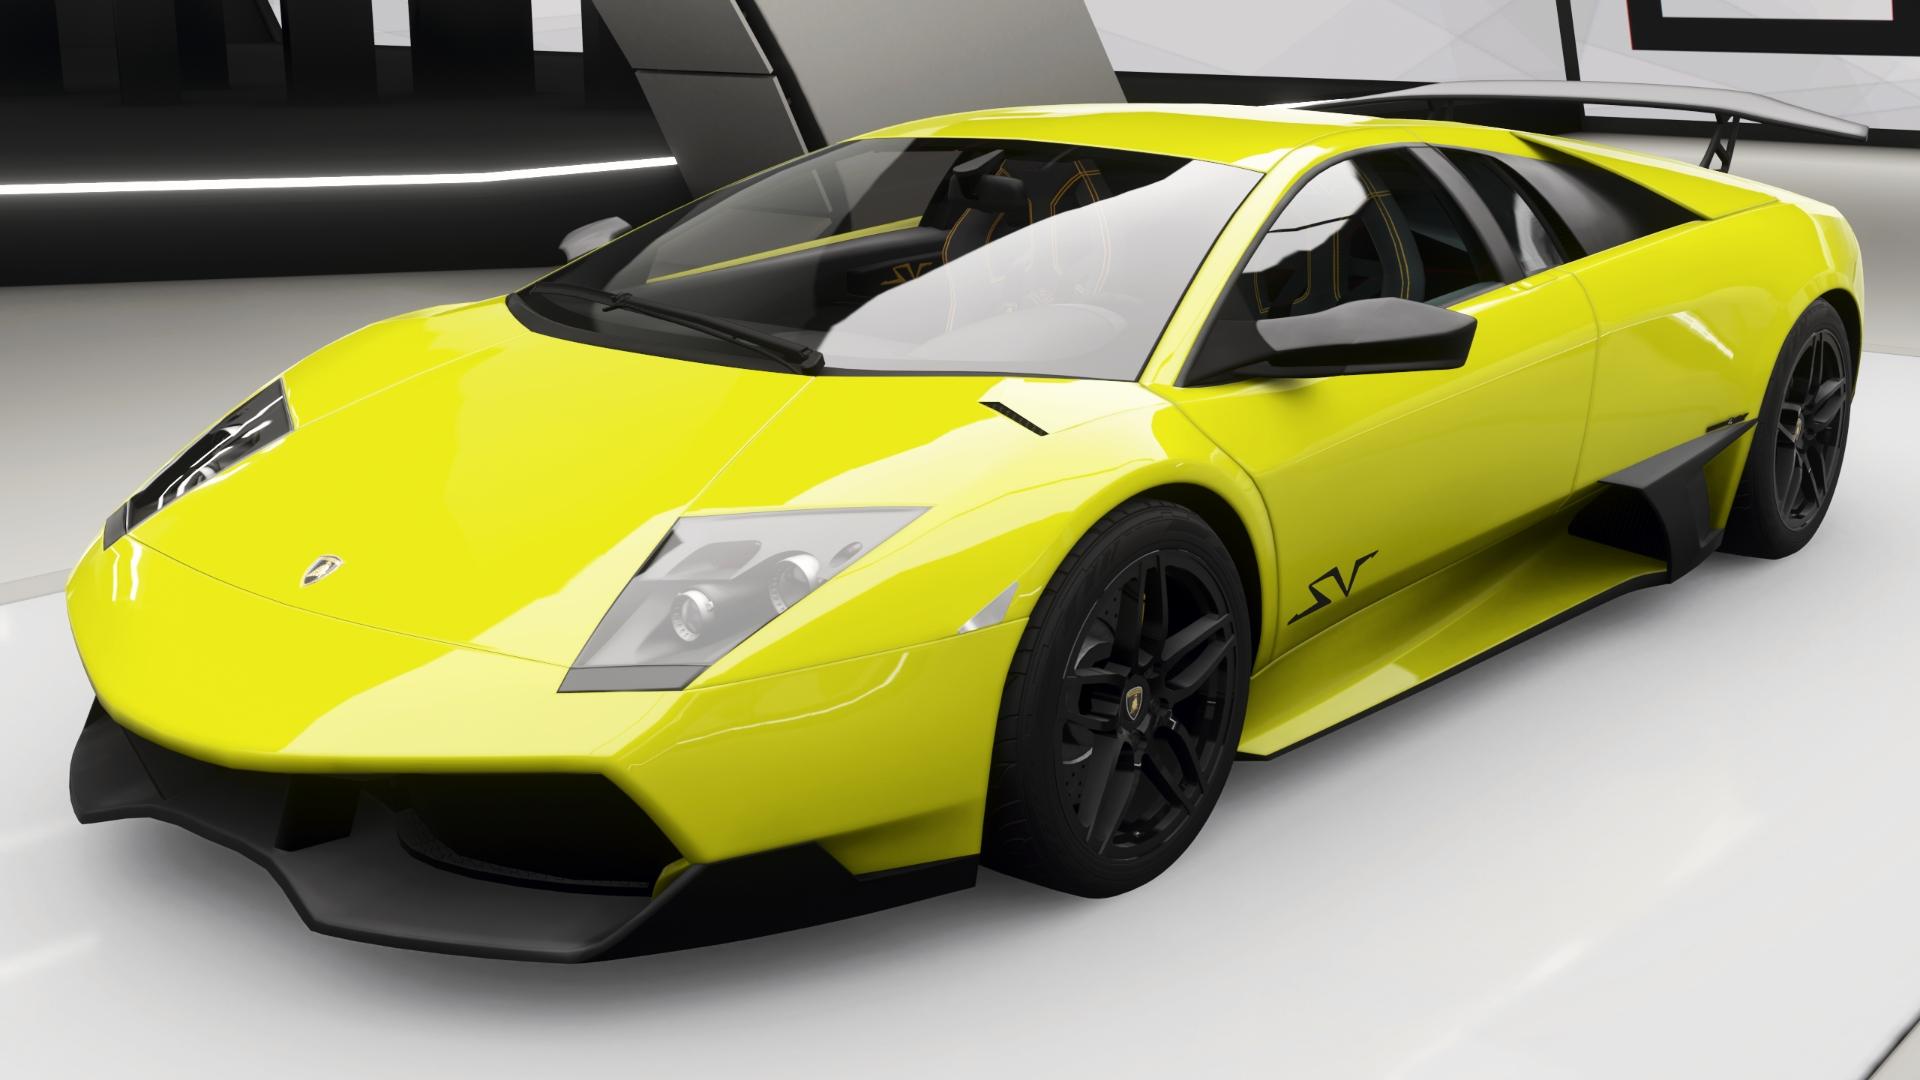 Lamborghini Murciélago LP 670-4 SV | Forza Motorsport Wiki | FANDOM